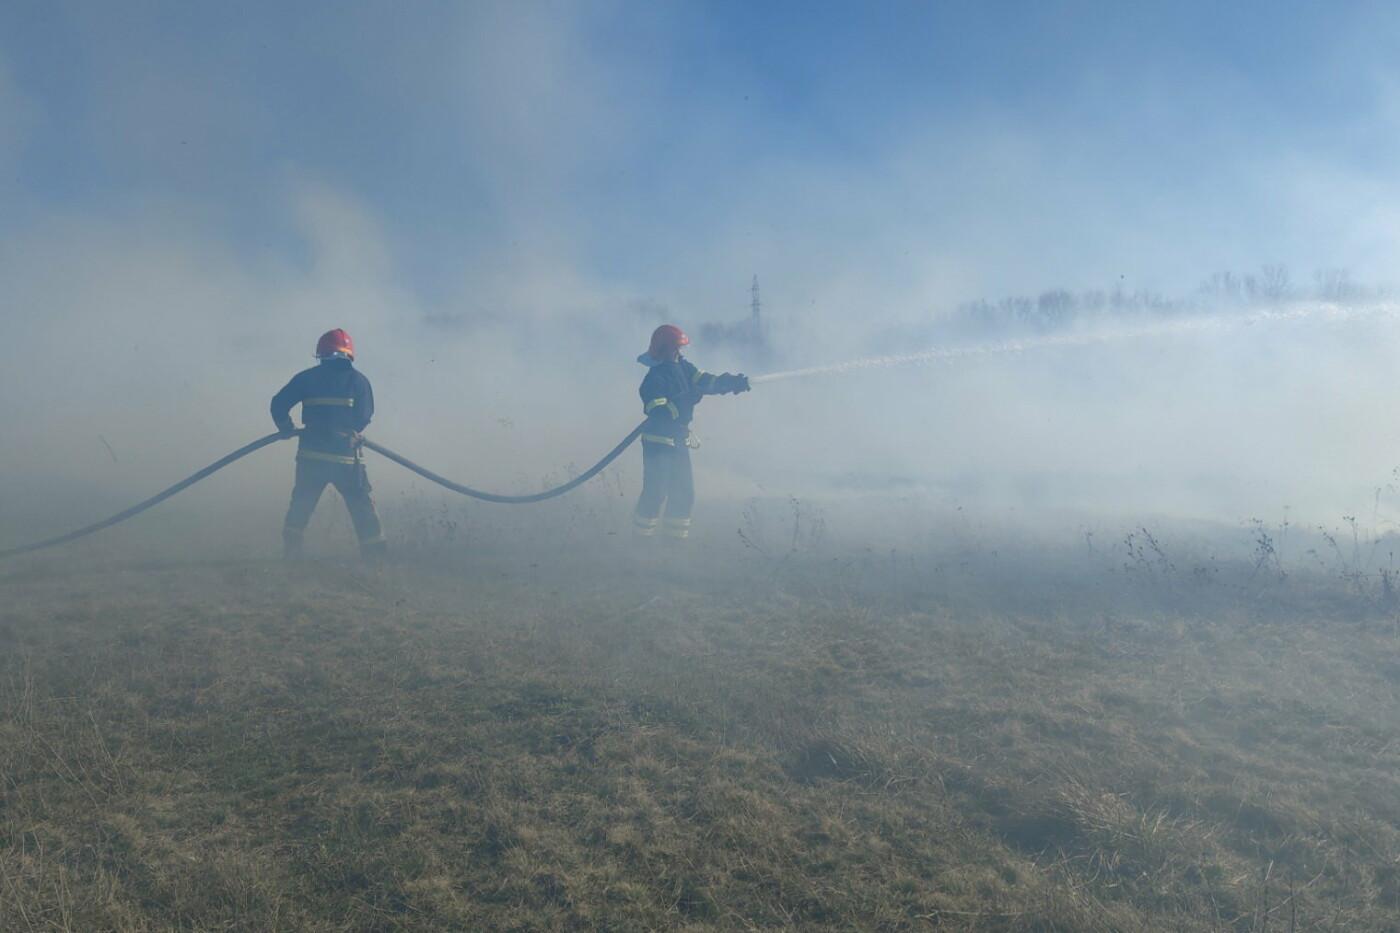 На Харьковщине спасатели тушили десятки пожаров в природных экосистемах, - ФОТО, фото-1